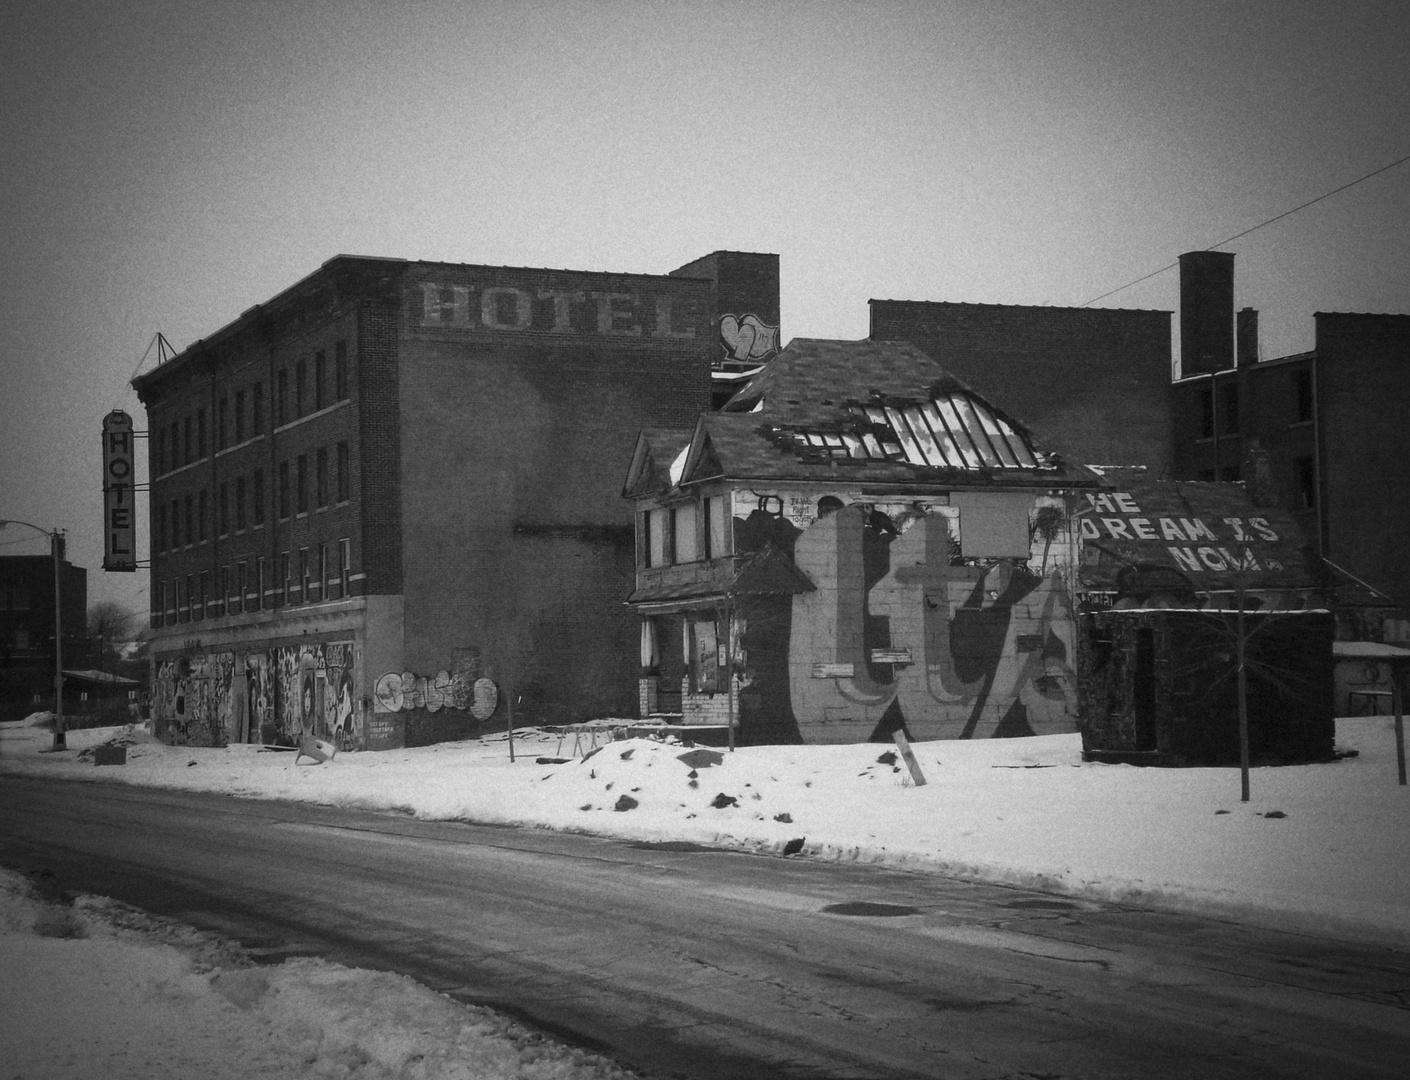 Detroit 14th St.